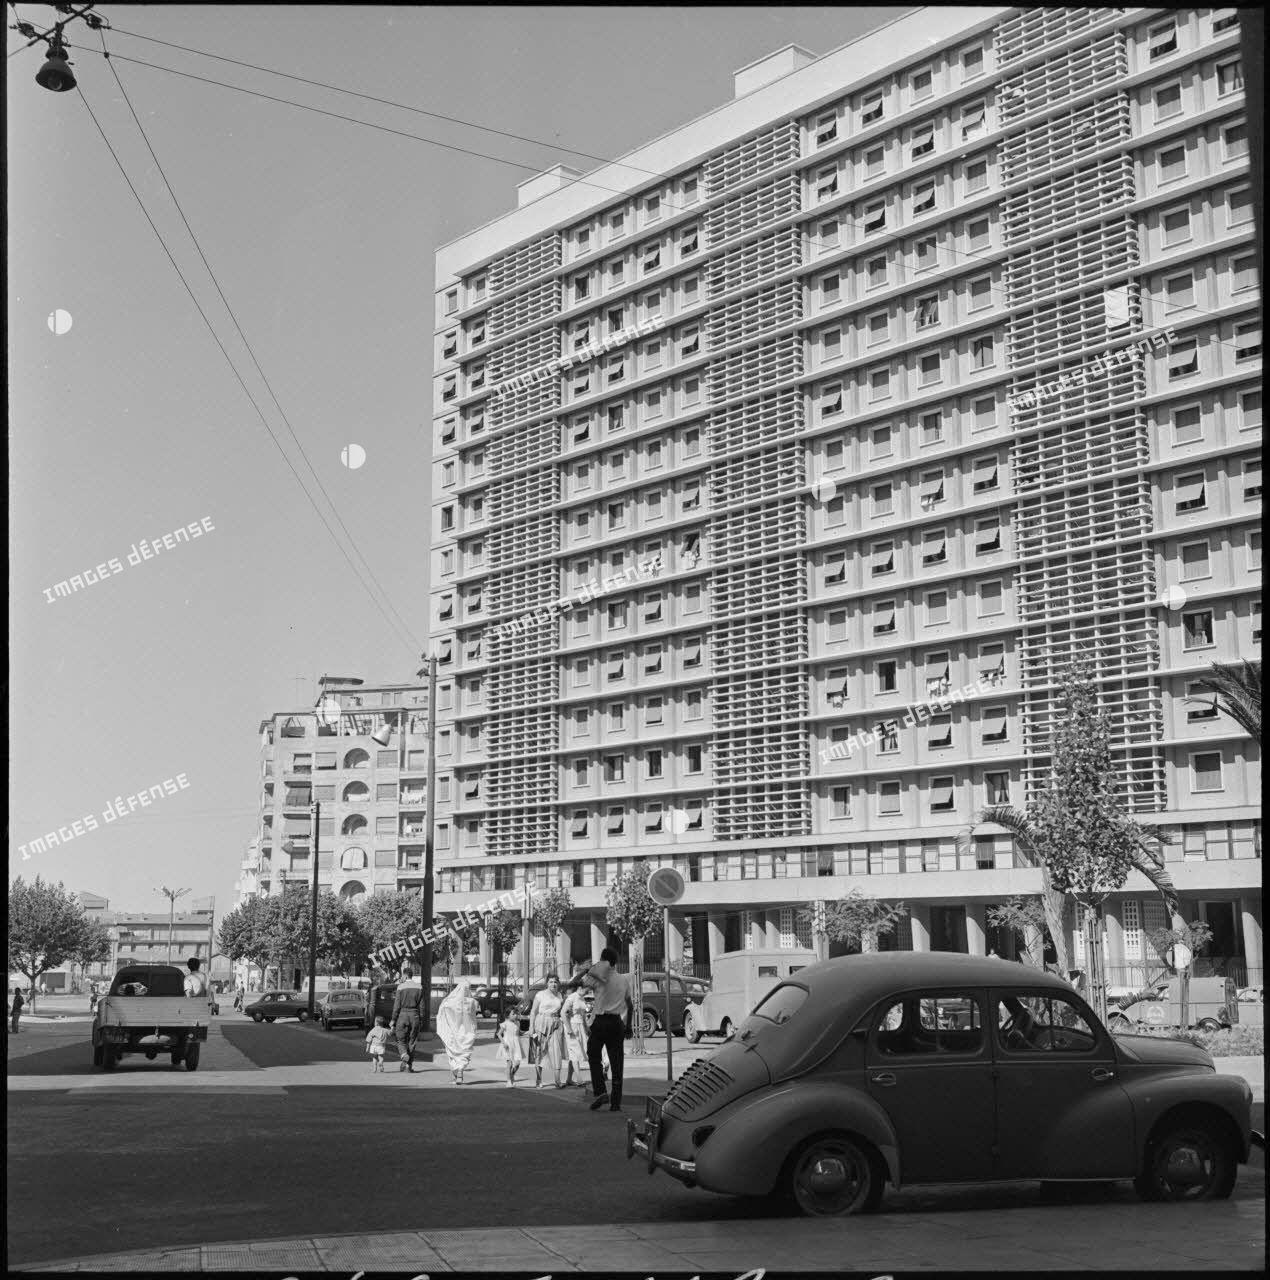 Un grand immeuble de la ville d'Alger.